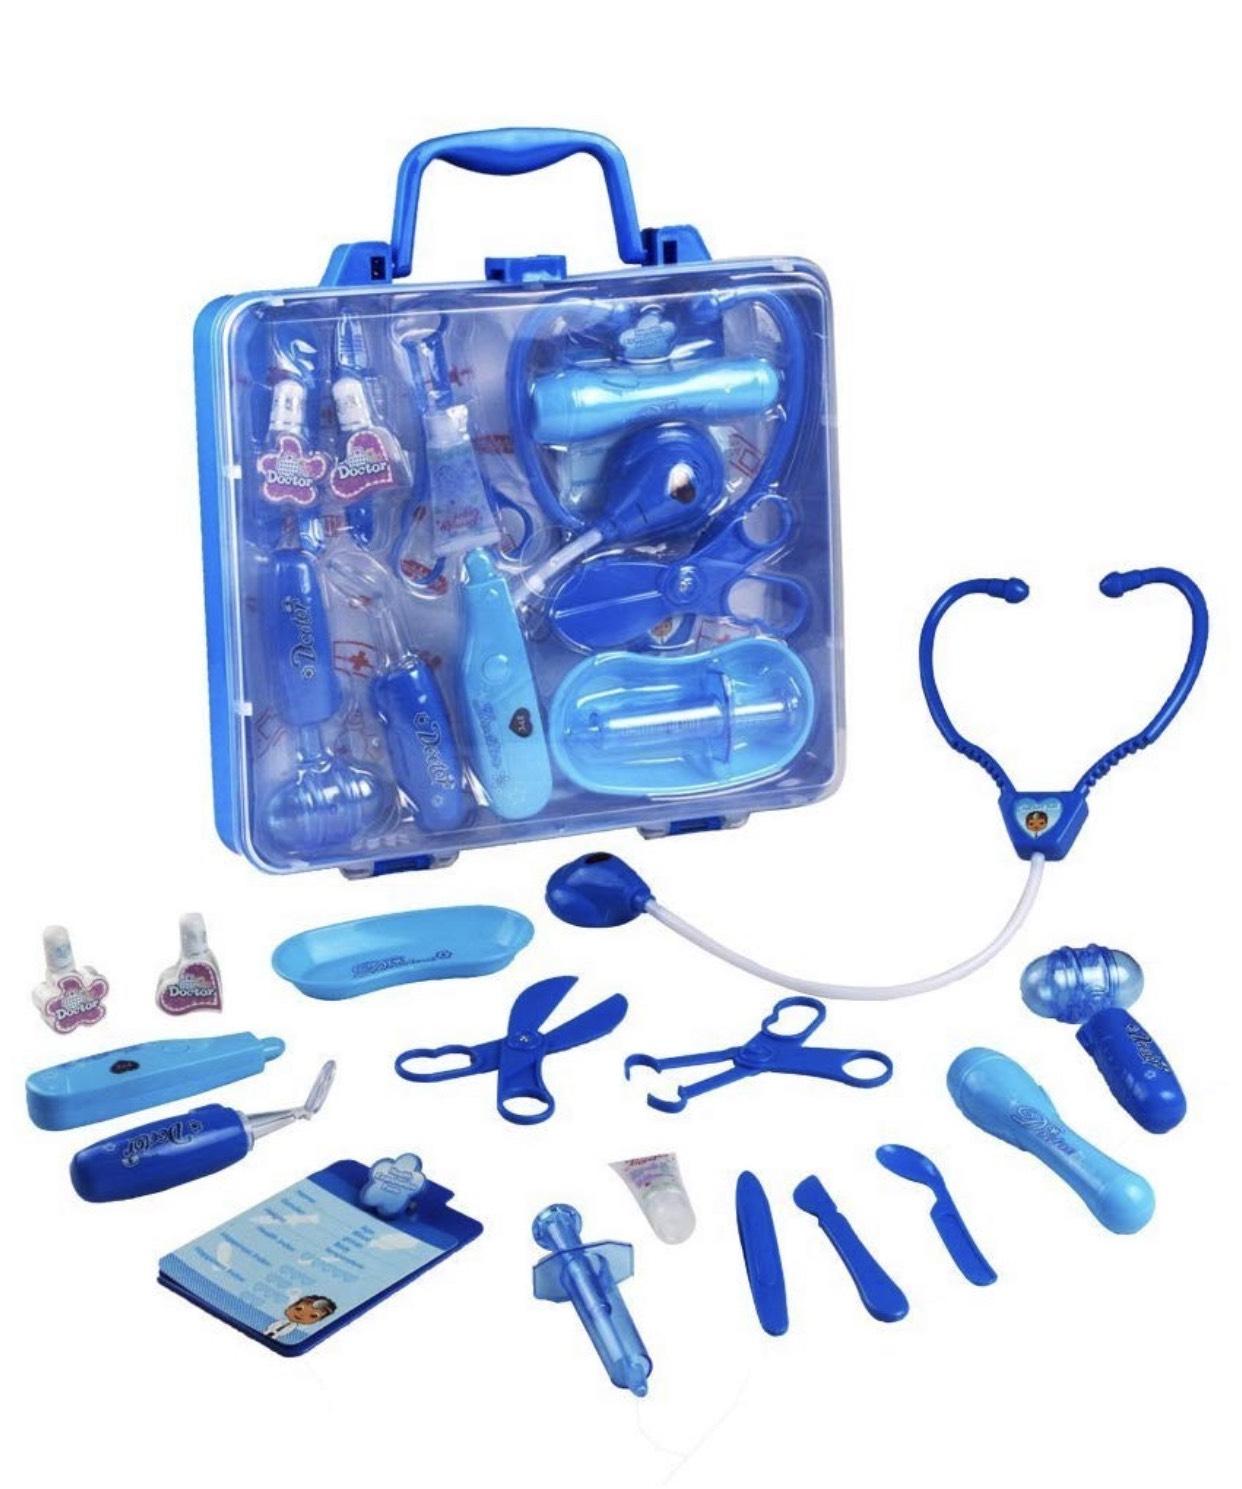 Kinderarztkoffer mit Krankenschwester Zubehör